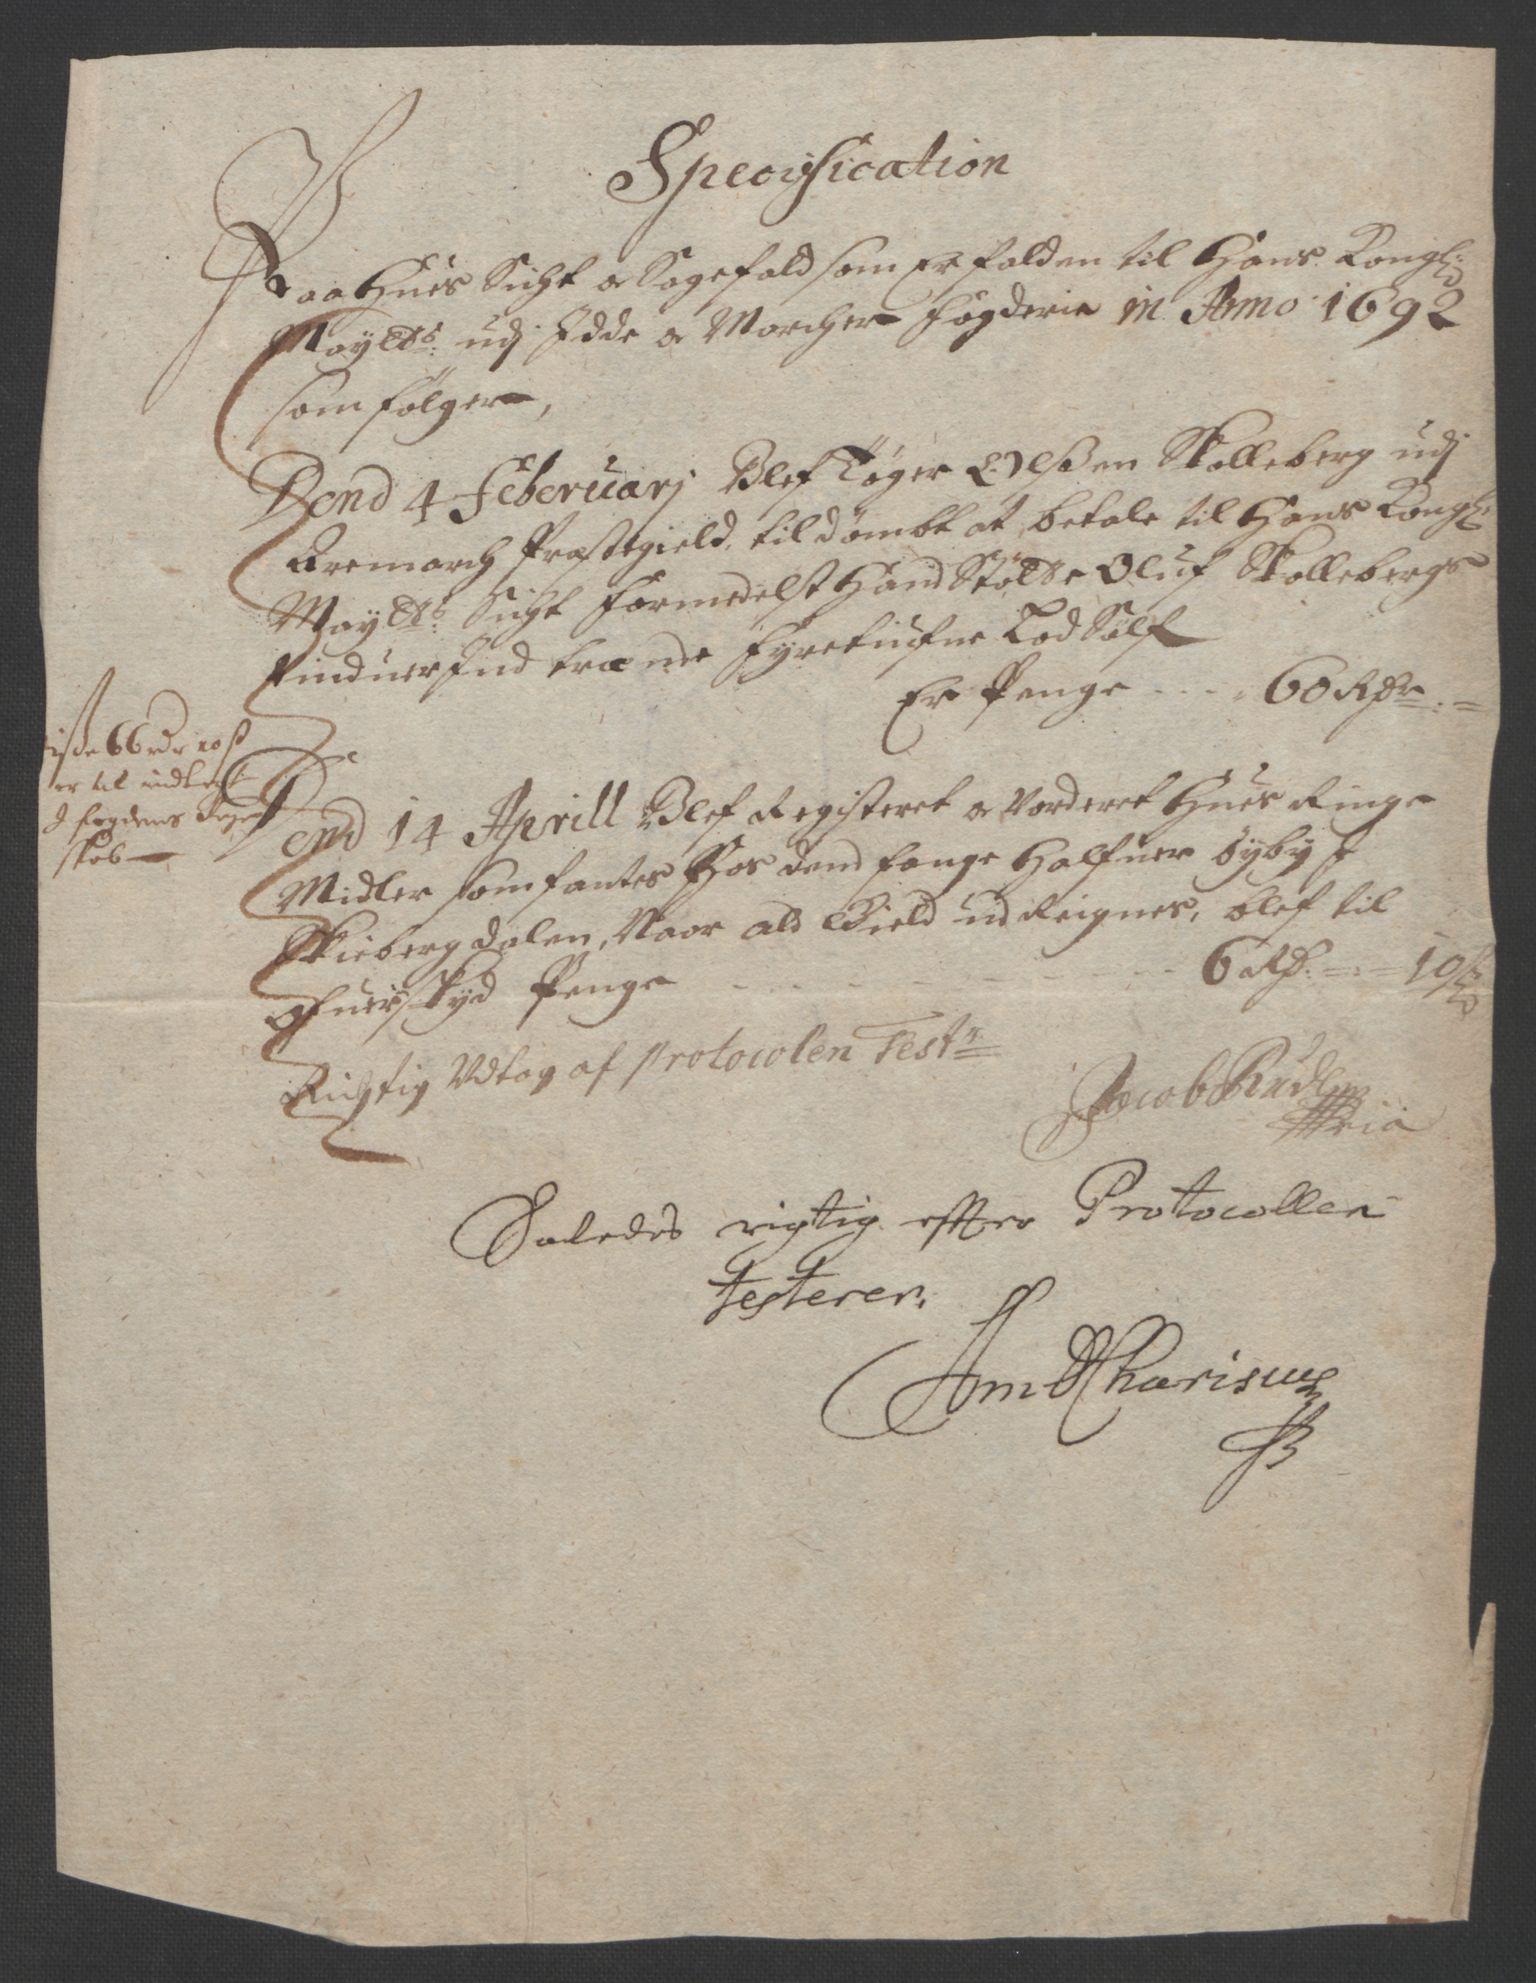 RA, Rentekammeret inntil 1814, Reviderte regnskaper, Fogderegnskap, R01/L0011: Fogderegnskap Idd og Marker, 1692-1693, s. 54